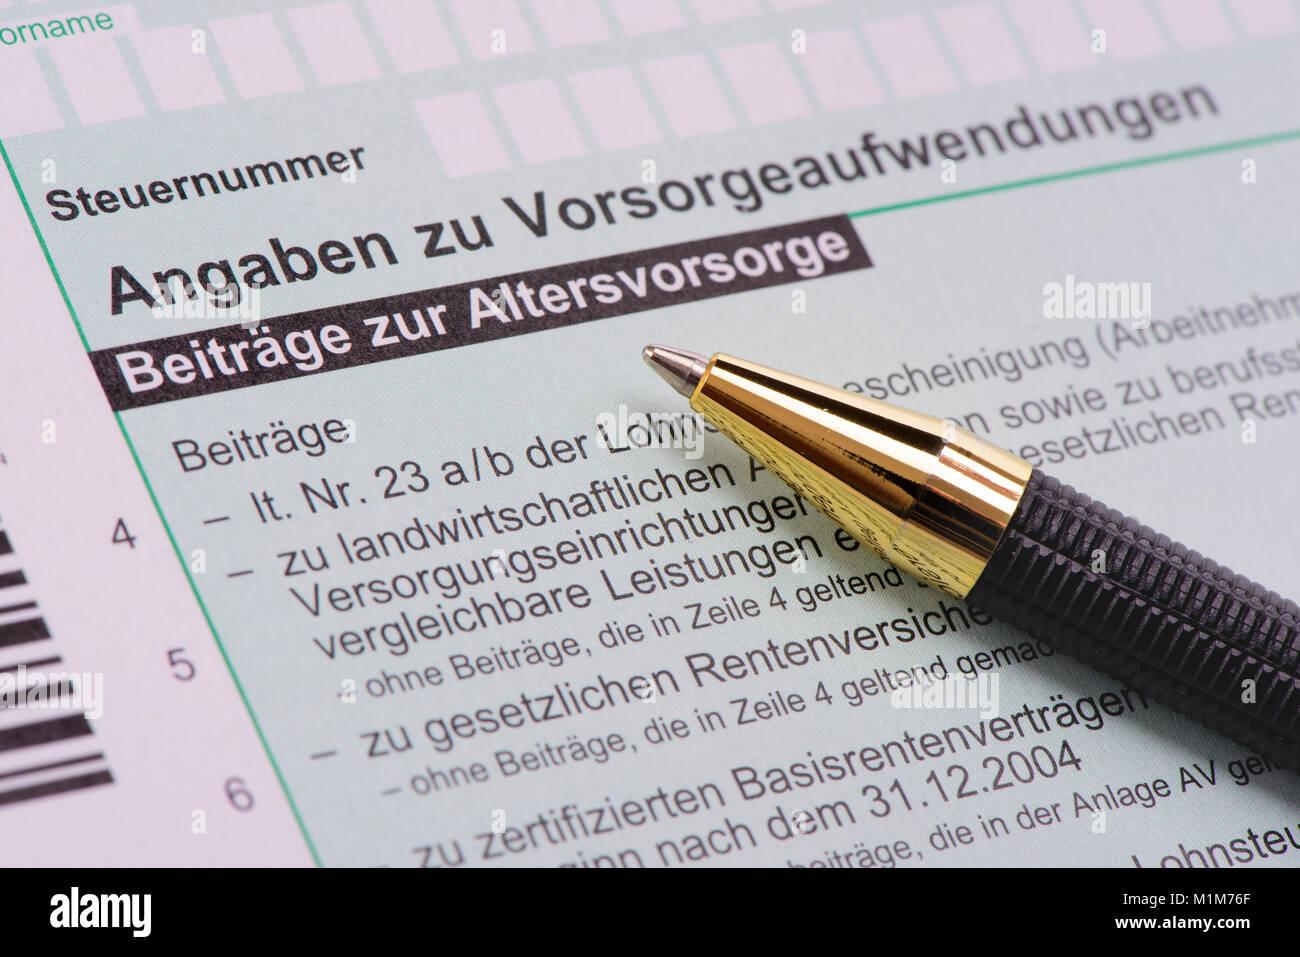 Steuerformular für Finanzamt Stock Photo